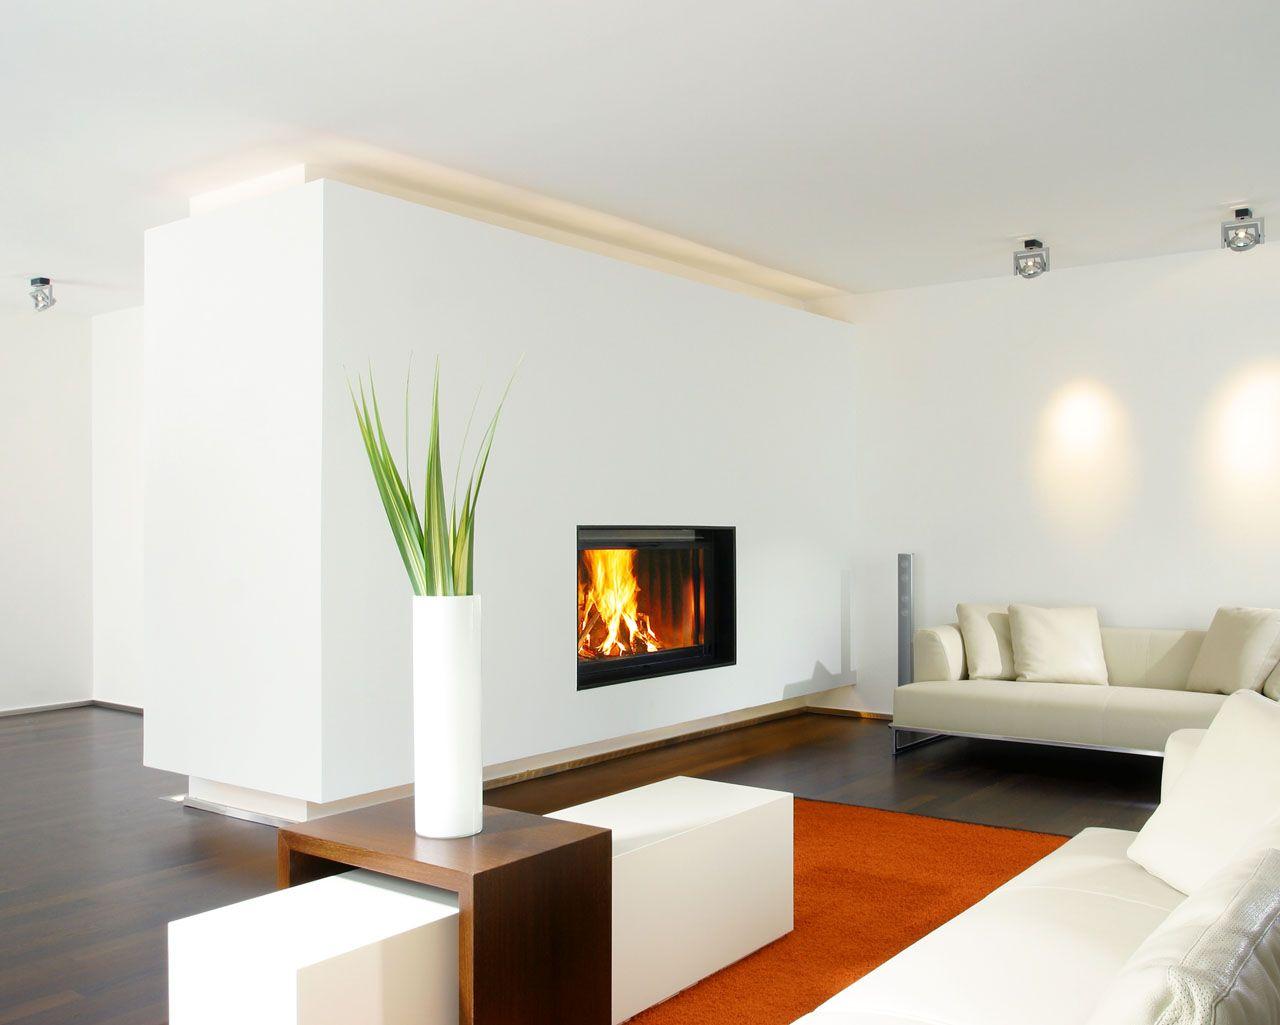 der sehr gro e heizkamin von r egg giant liegt in einer wandscheibe durch die beleuchteten. Black Bedroom Furniture Sets. Home Design Ideas